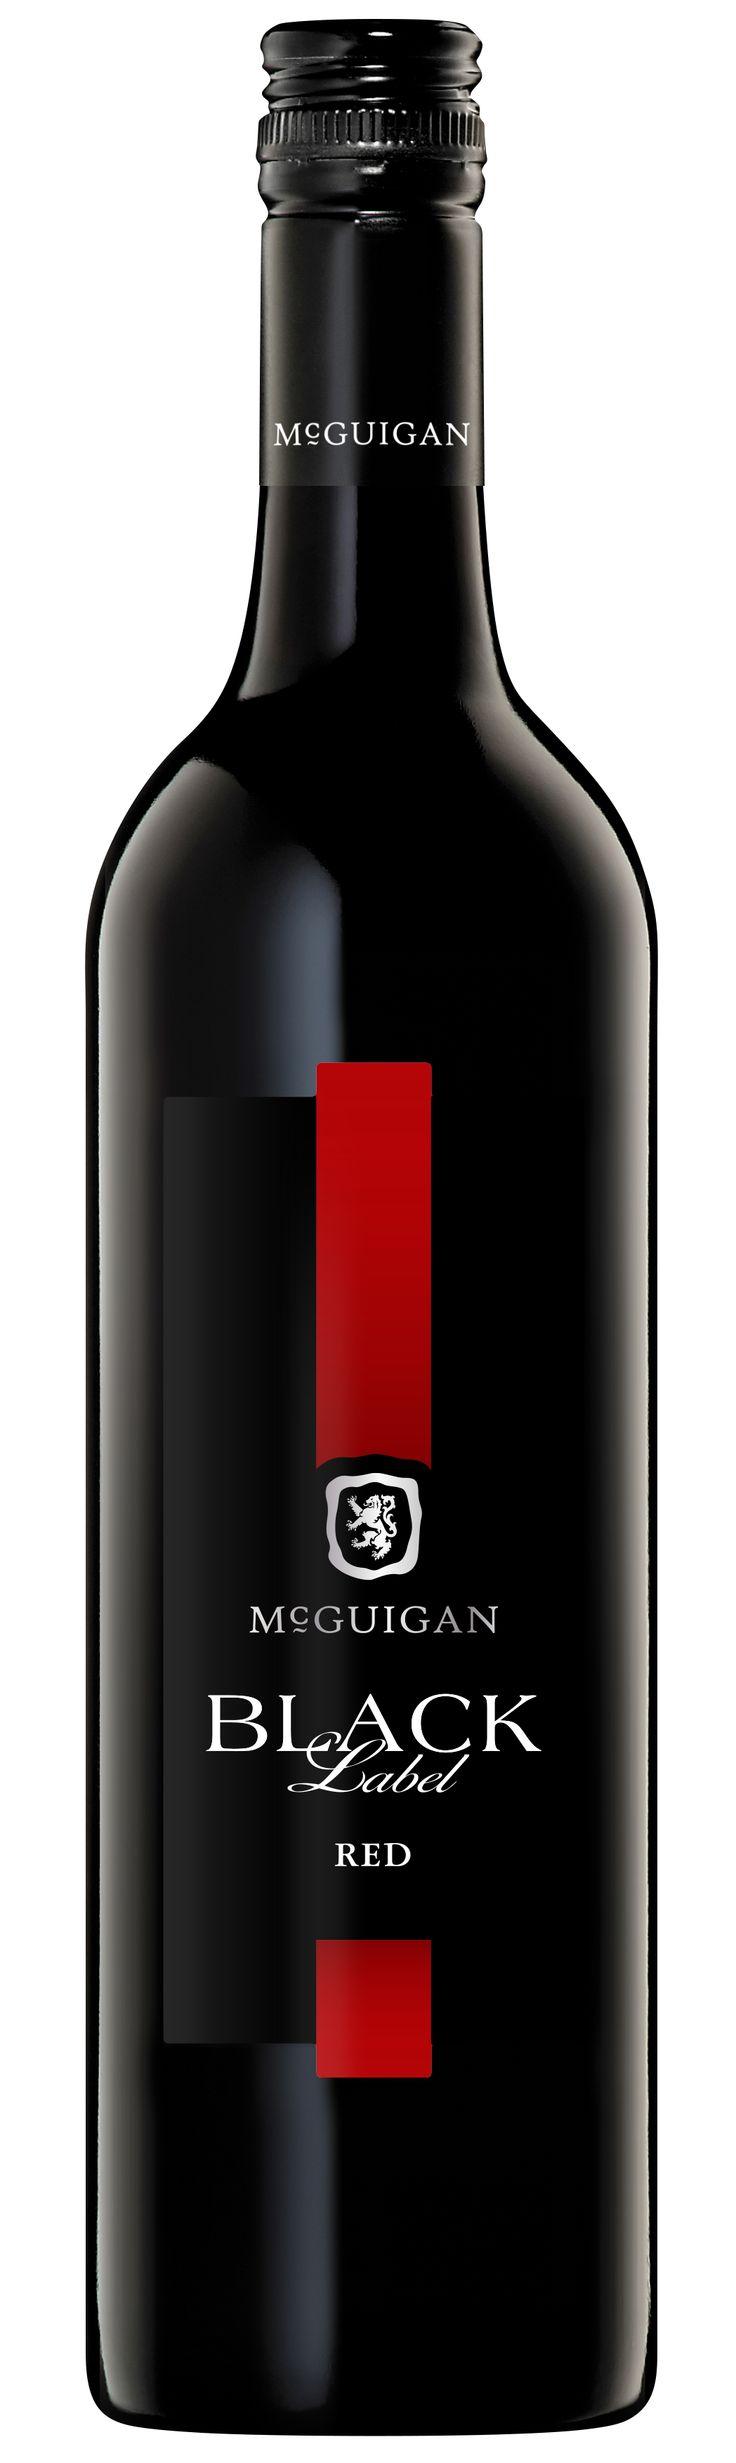 Best 25+ Red wine list ideas on Pinterest | Best red wine, Good ...